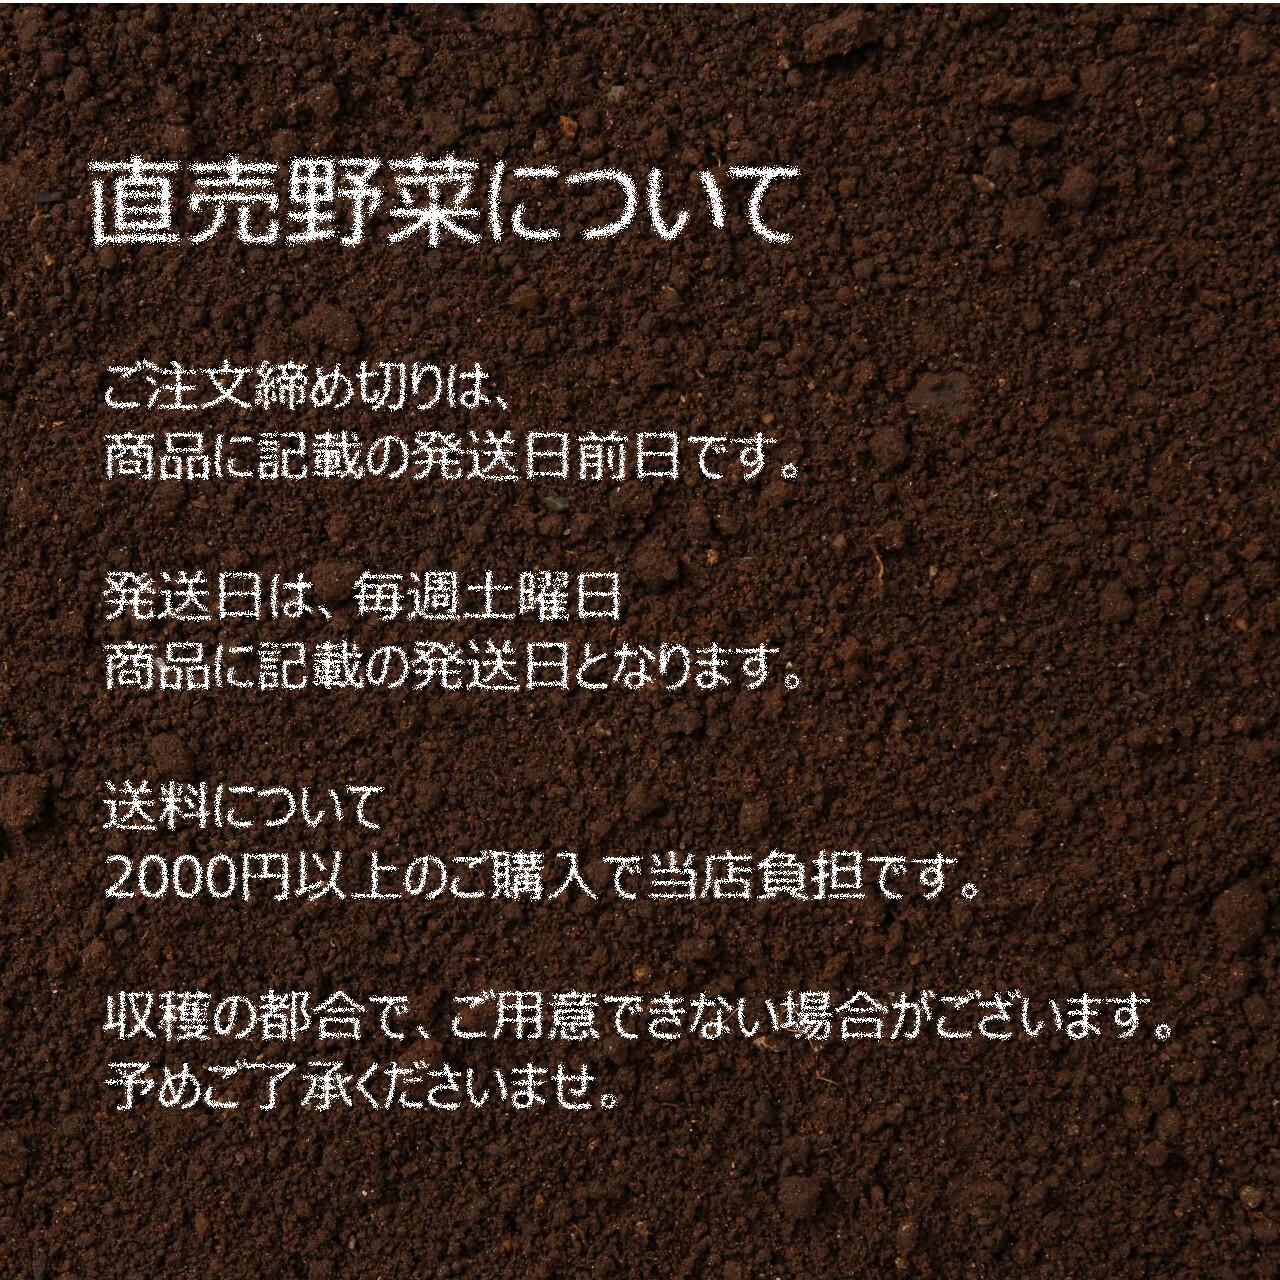 6月の朝採り直売野菜 : トマト 約 2~3個 6月15日発送予定